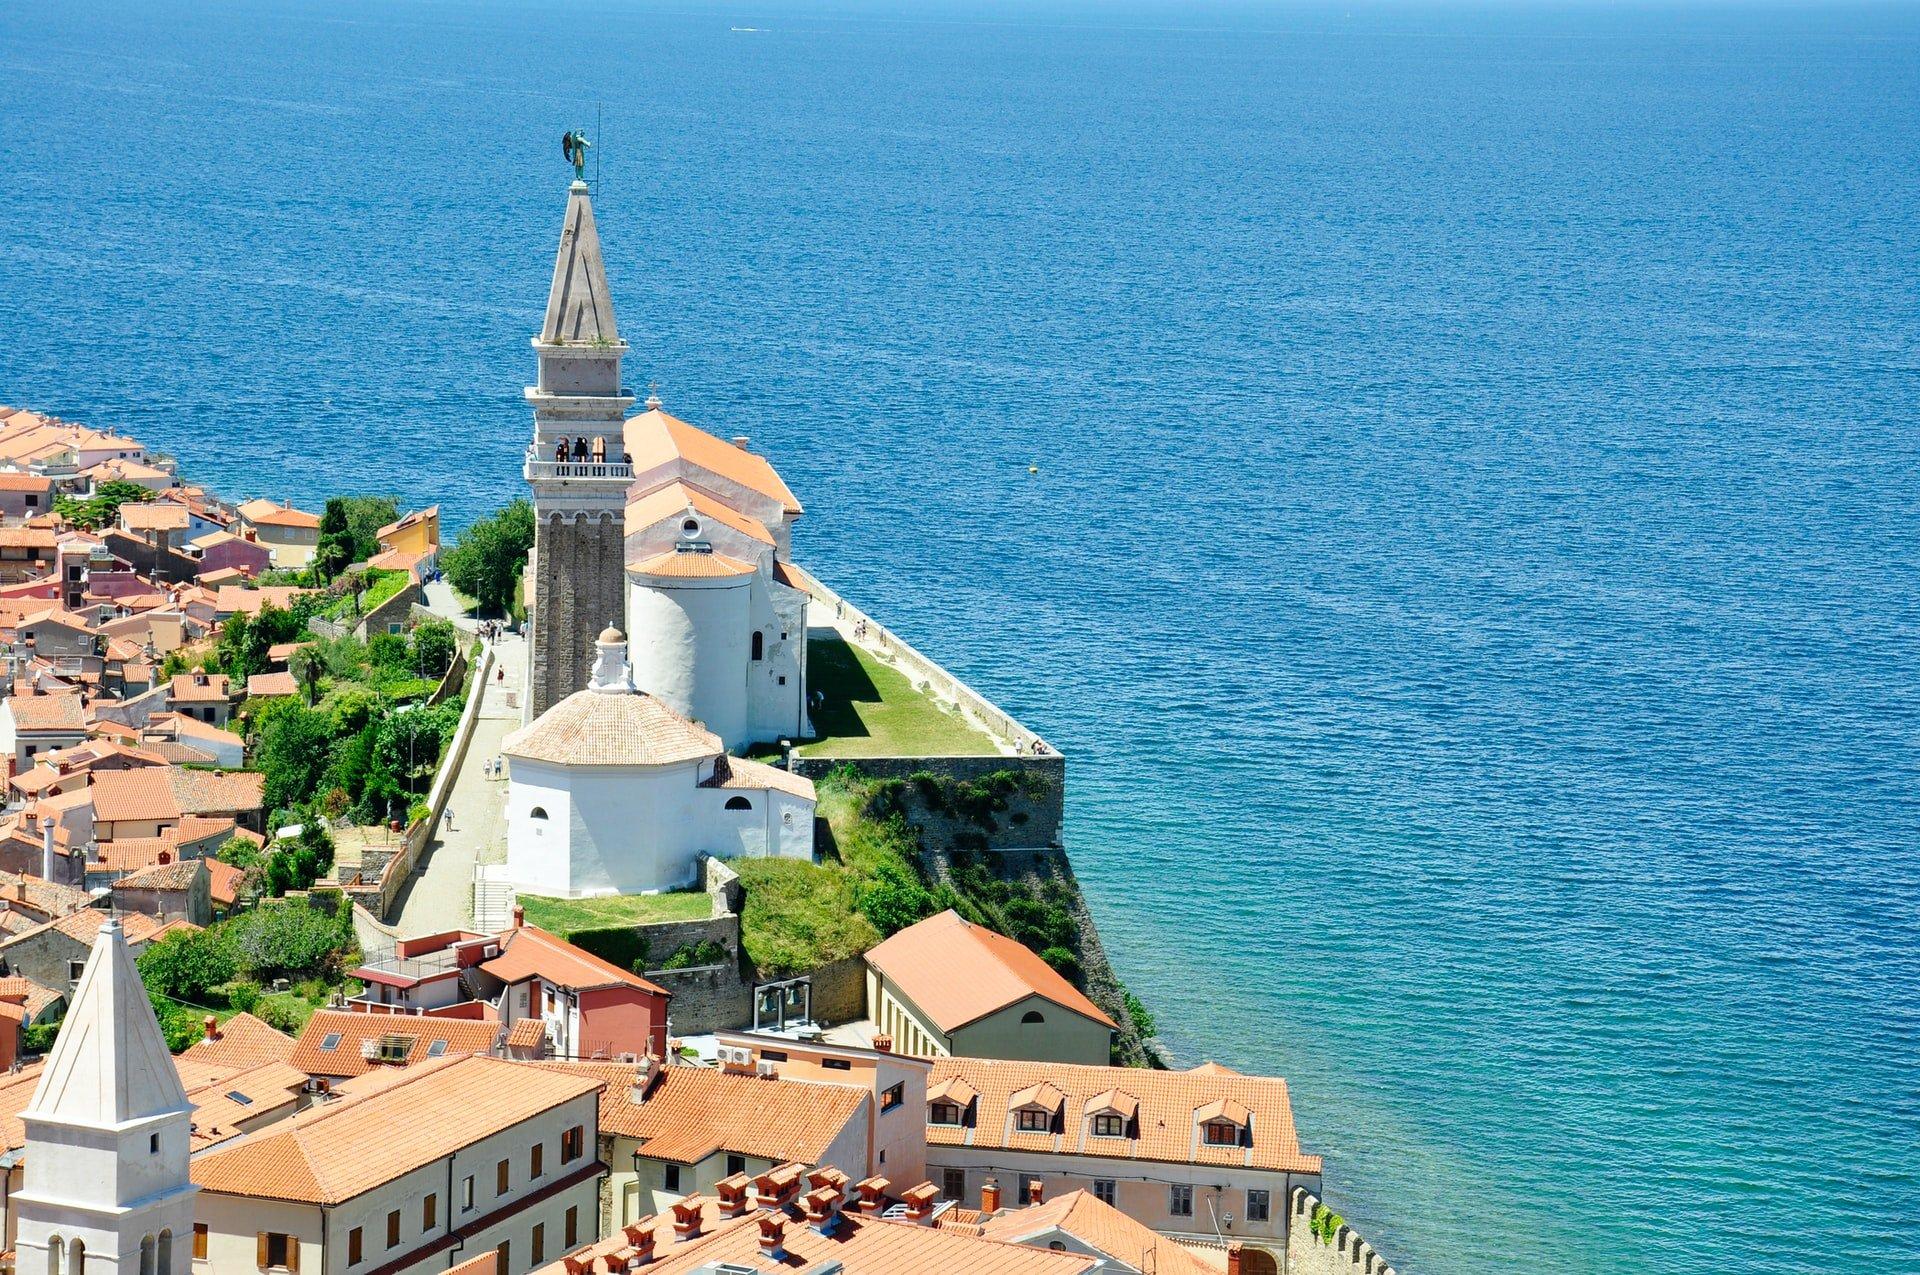 Vakantie met een camper aan de Adriatische Zee in Slovenië